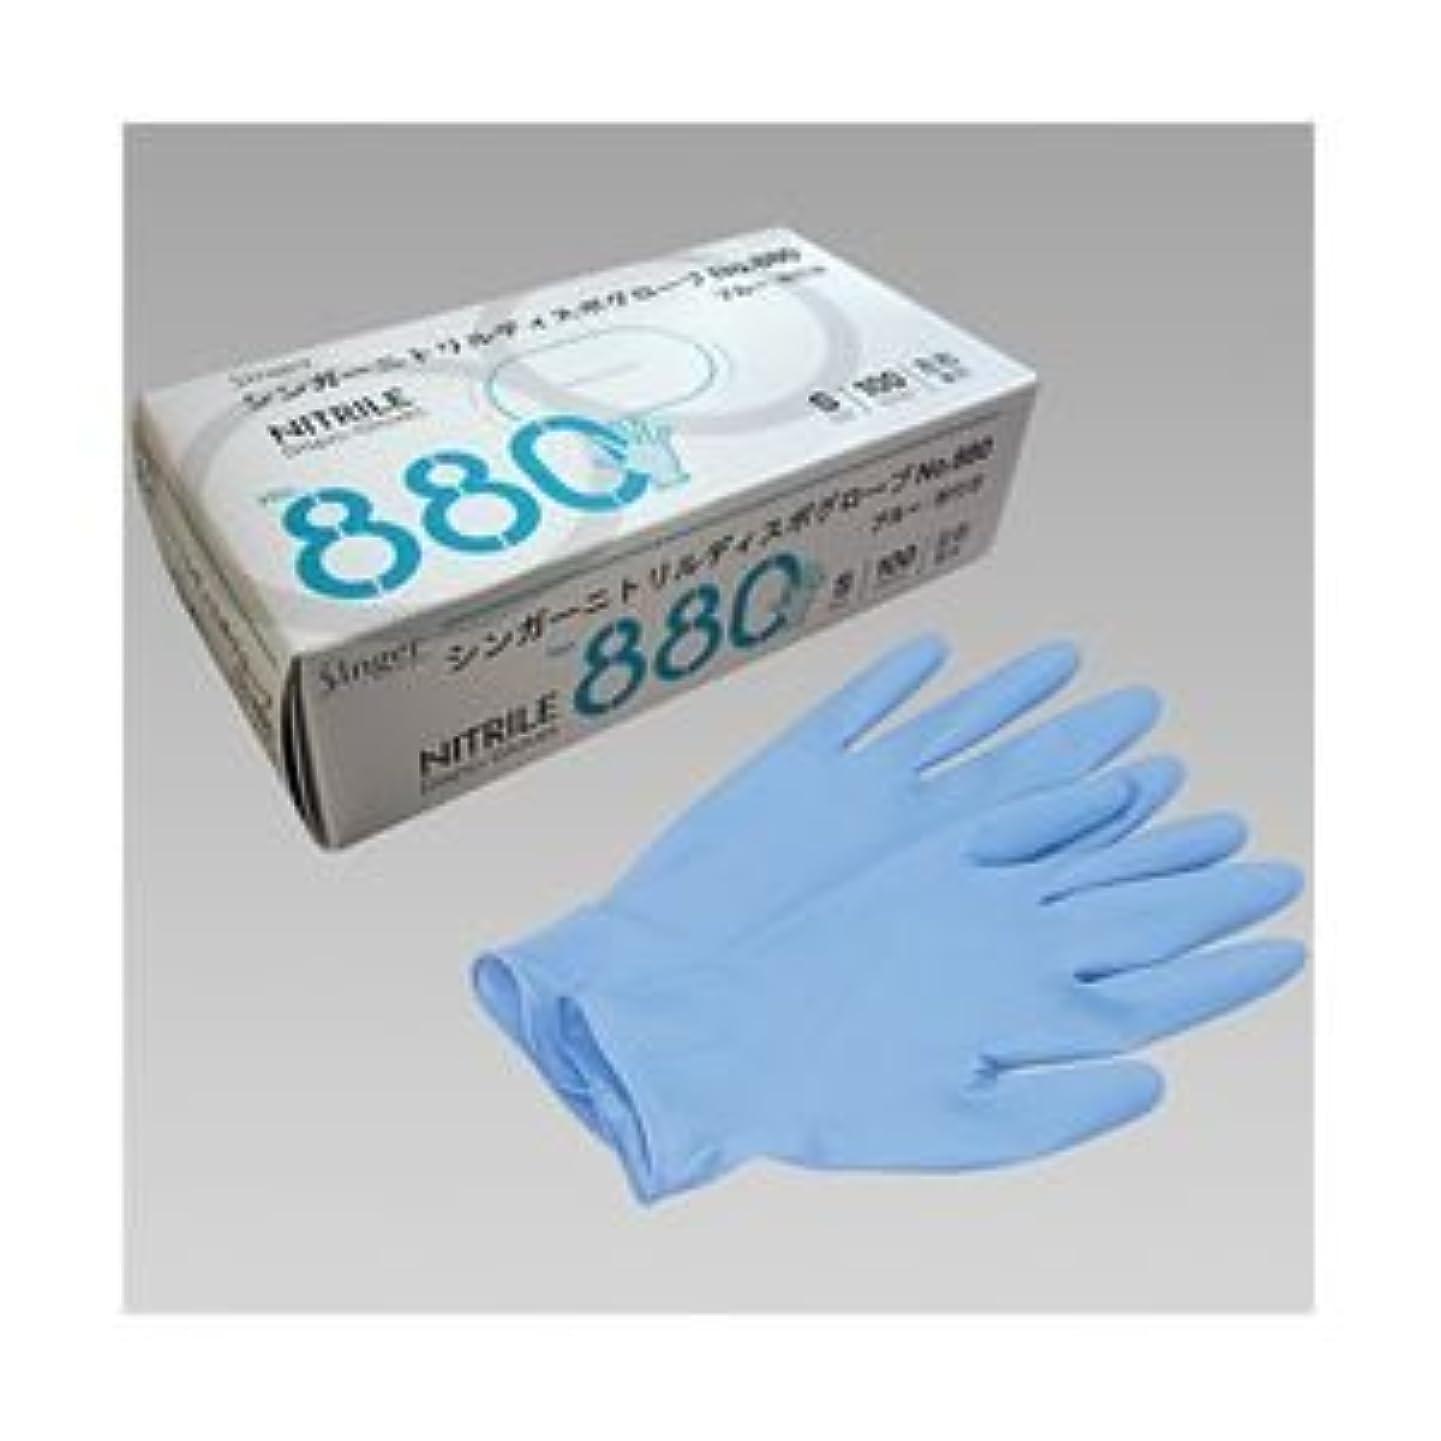 神経障害失礼休日(業務用セット) ニトリル手袋 粉付き ブルー S 1箱(100枚) 【×5セット】